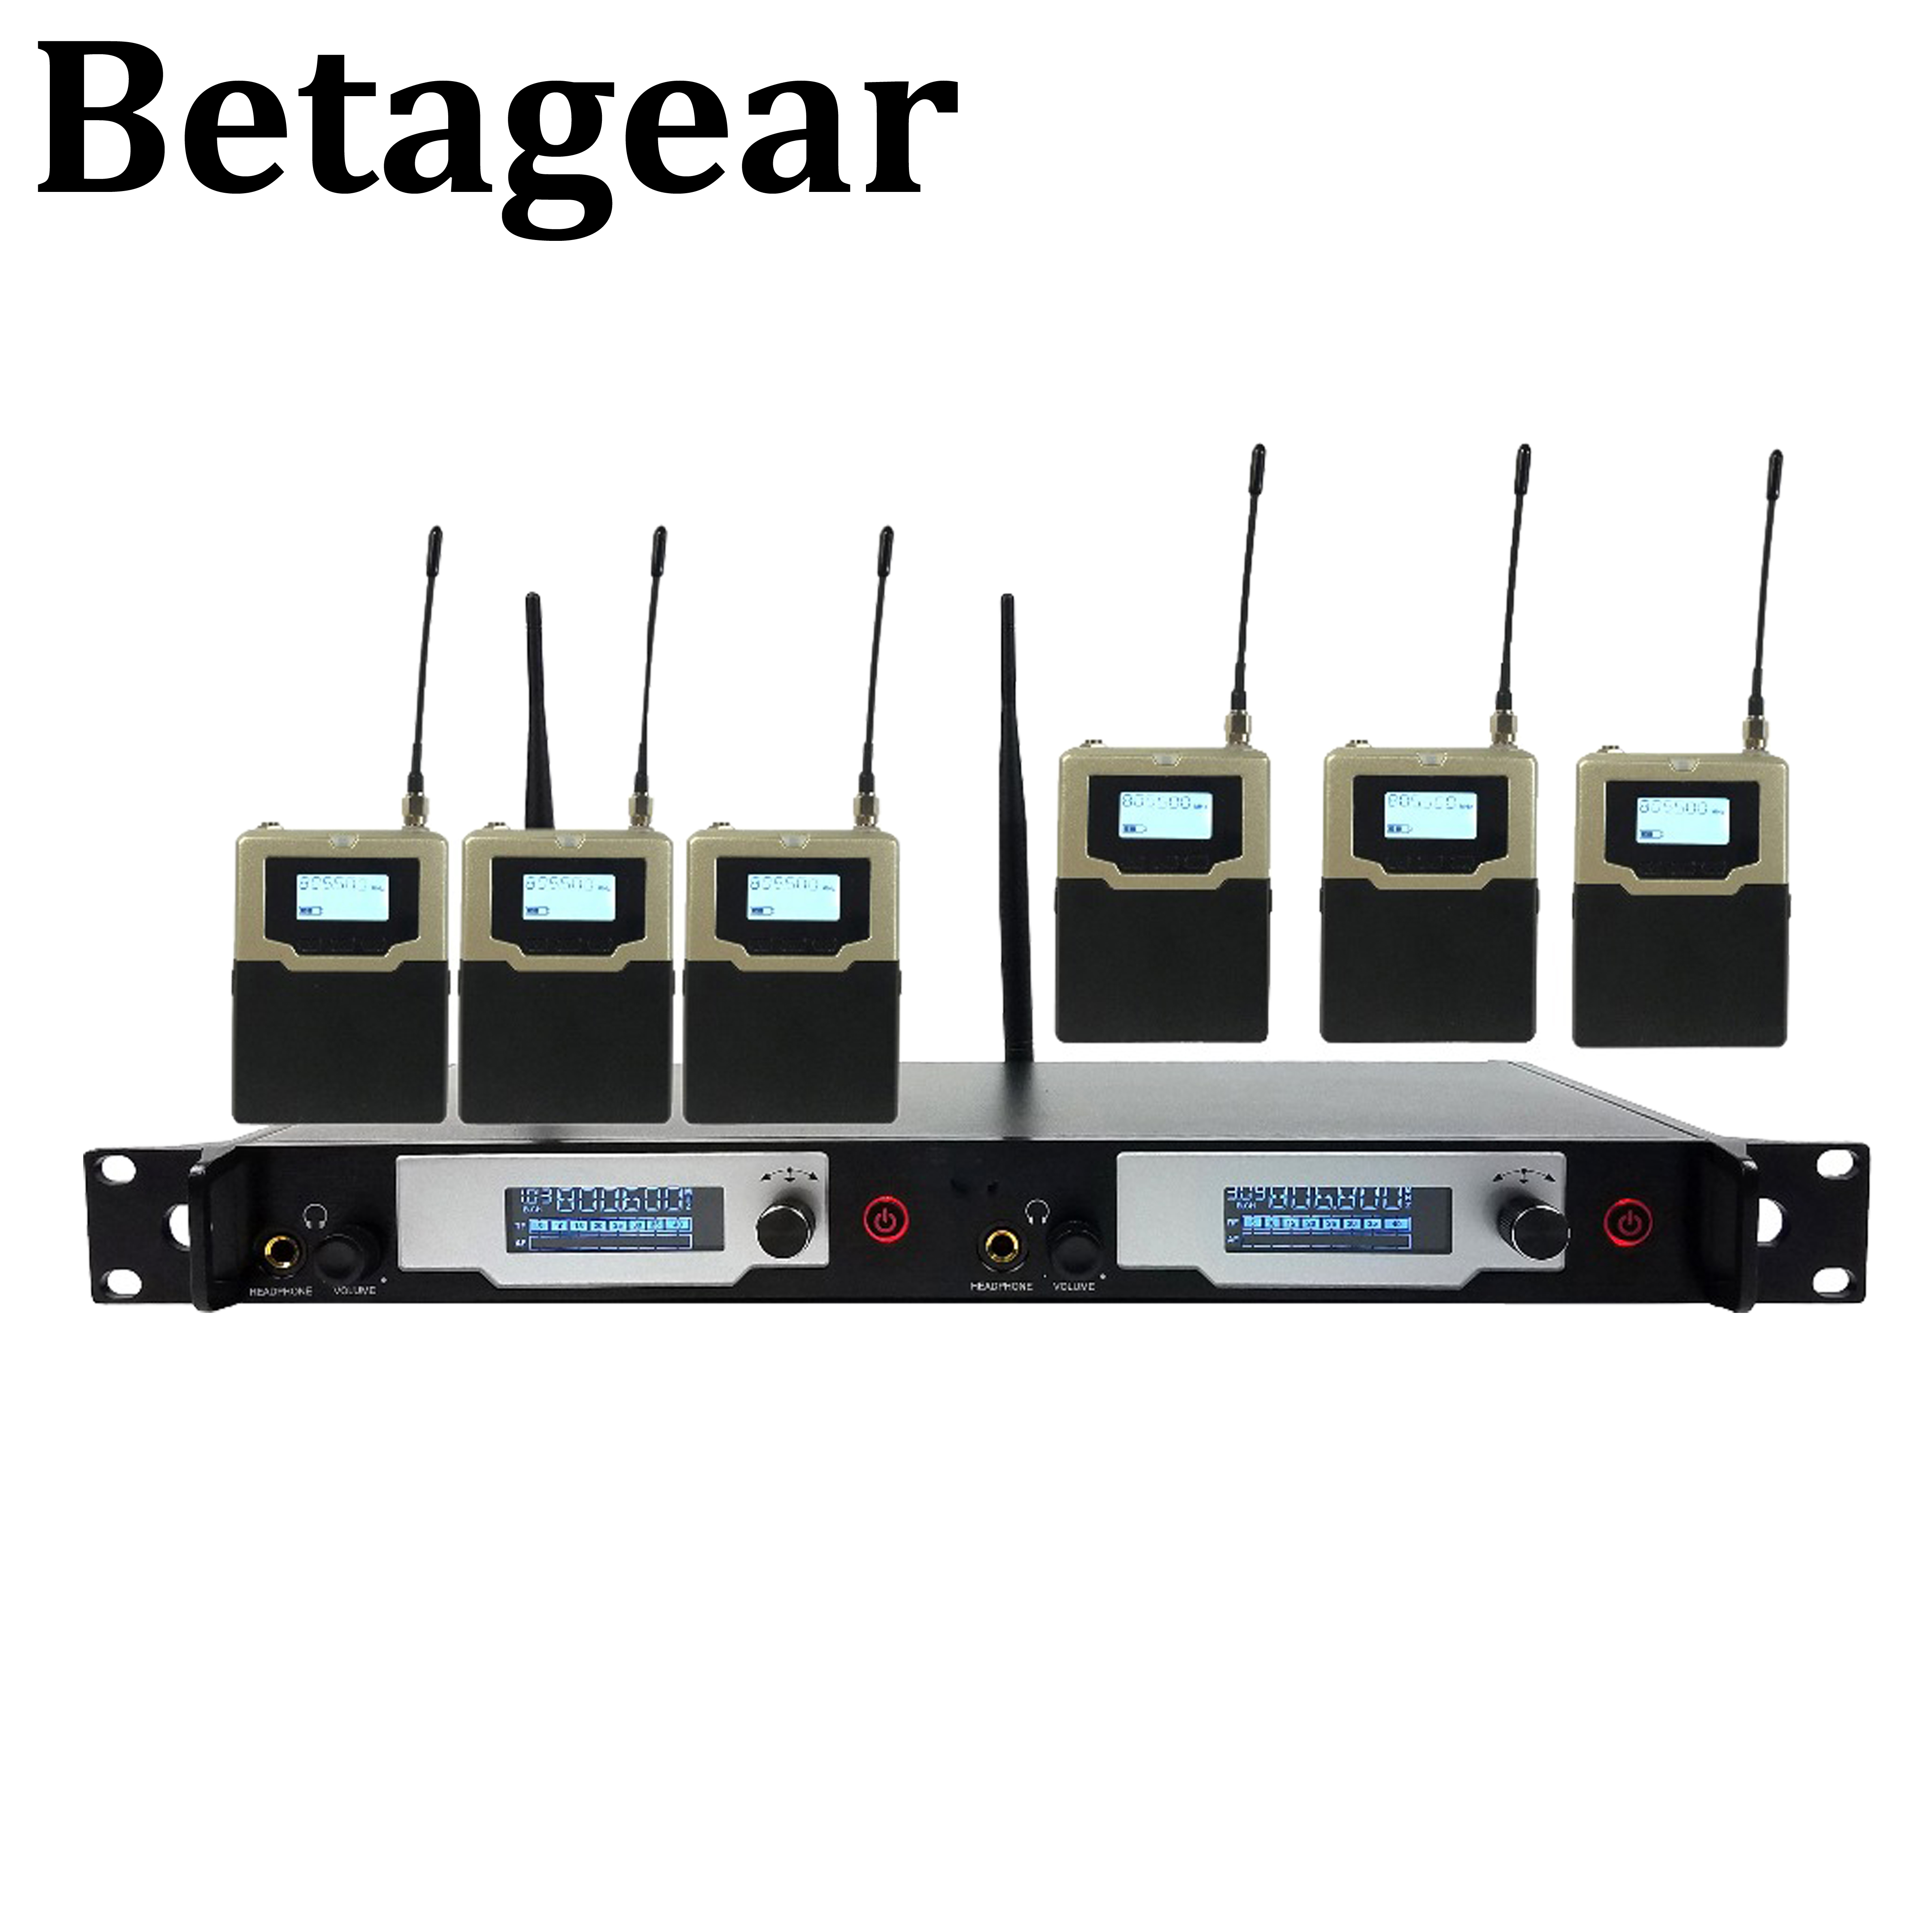 Betagear L9400 UHF IEM monitorowanie sceny w uchu monitor bezprzewodowy system porfessioanl audio 5 odbiornik na występ na scenie